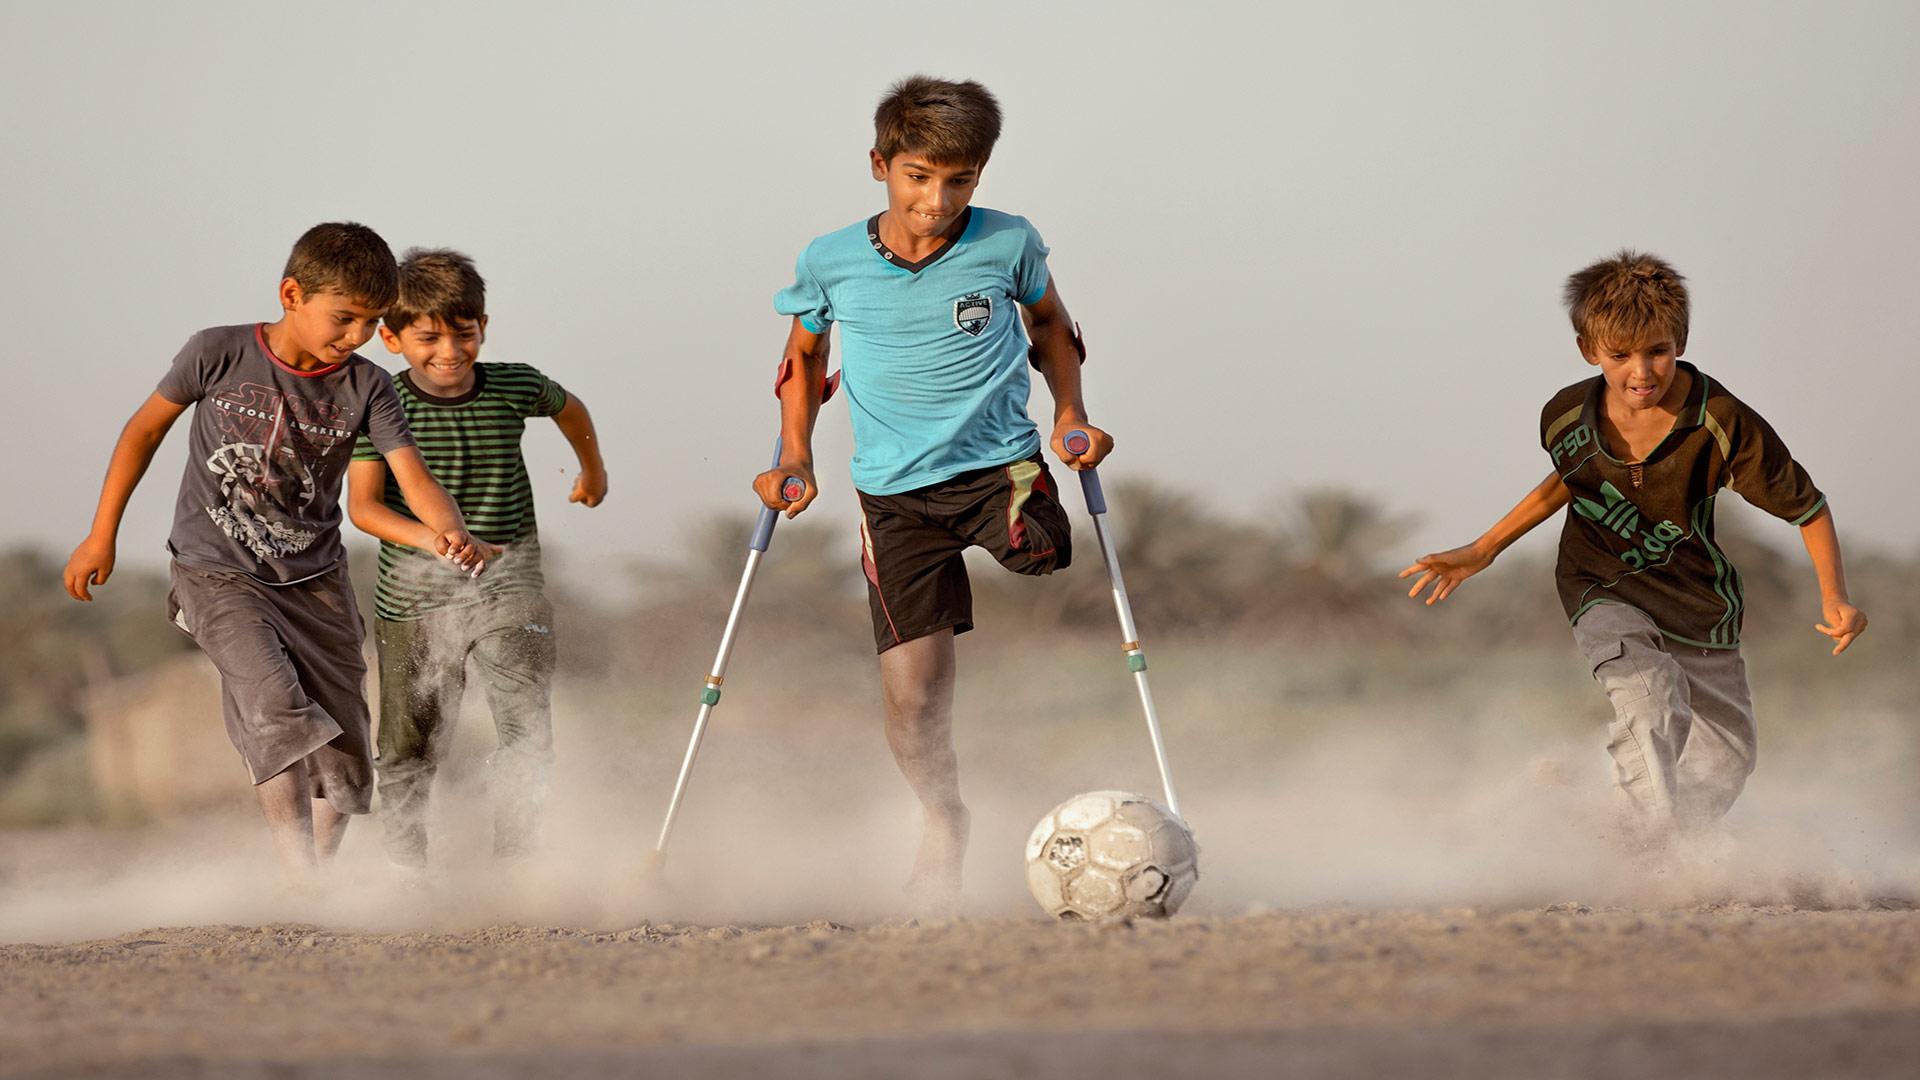 Это жизнь, © Тайсир Махди, Ирак, Золотая медаль FIAP и CEF, Фотоконкурс «Мир для всех: преодоление инвалидности» — ONCE